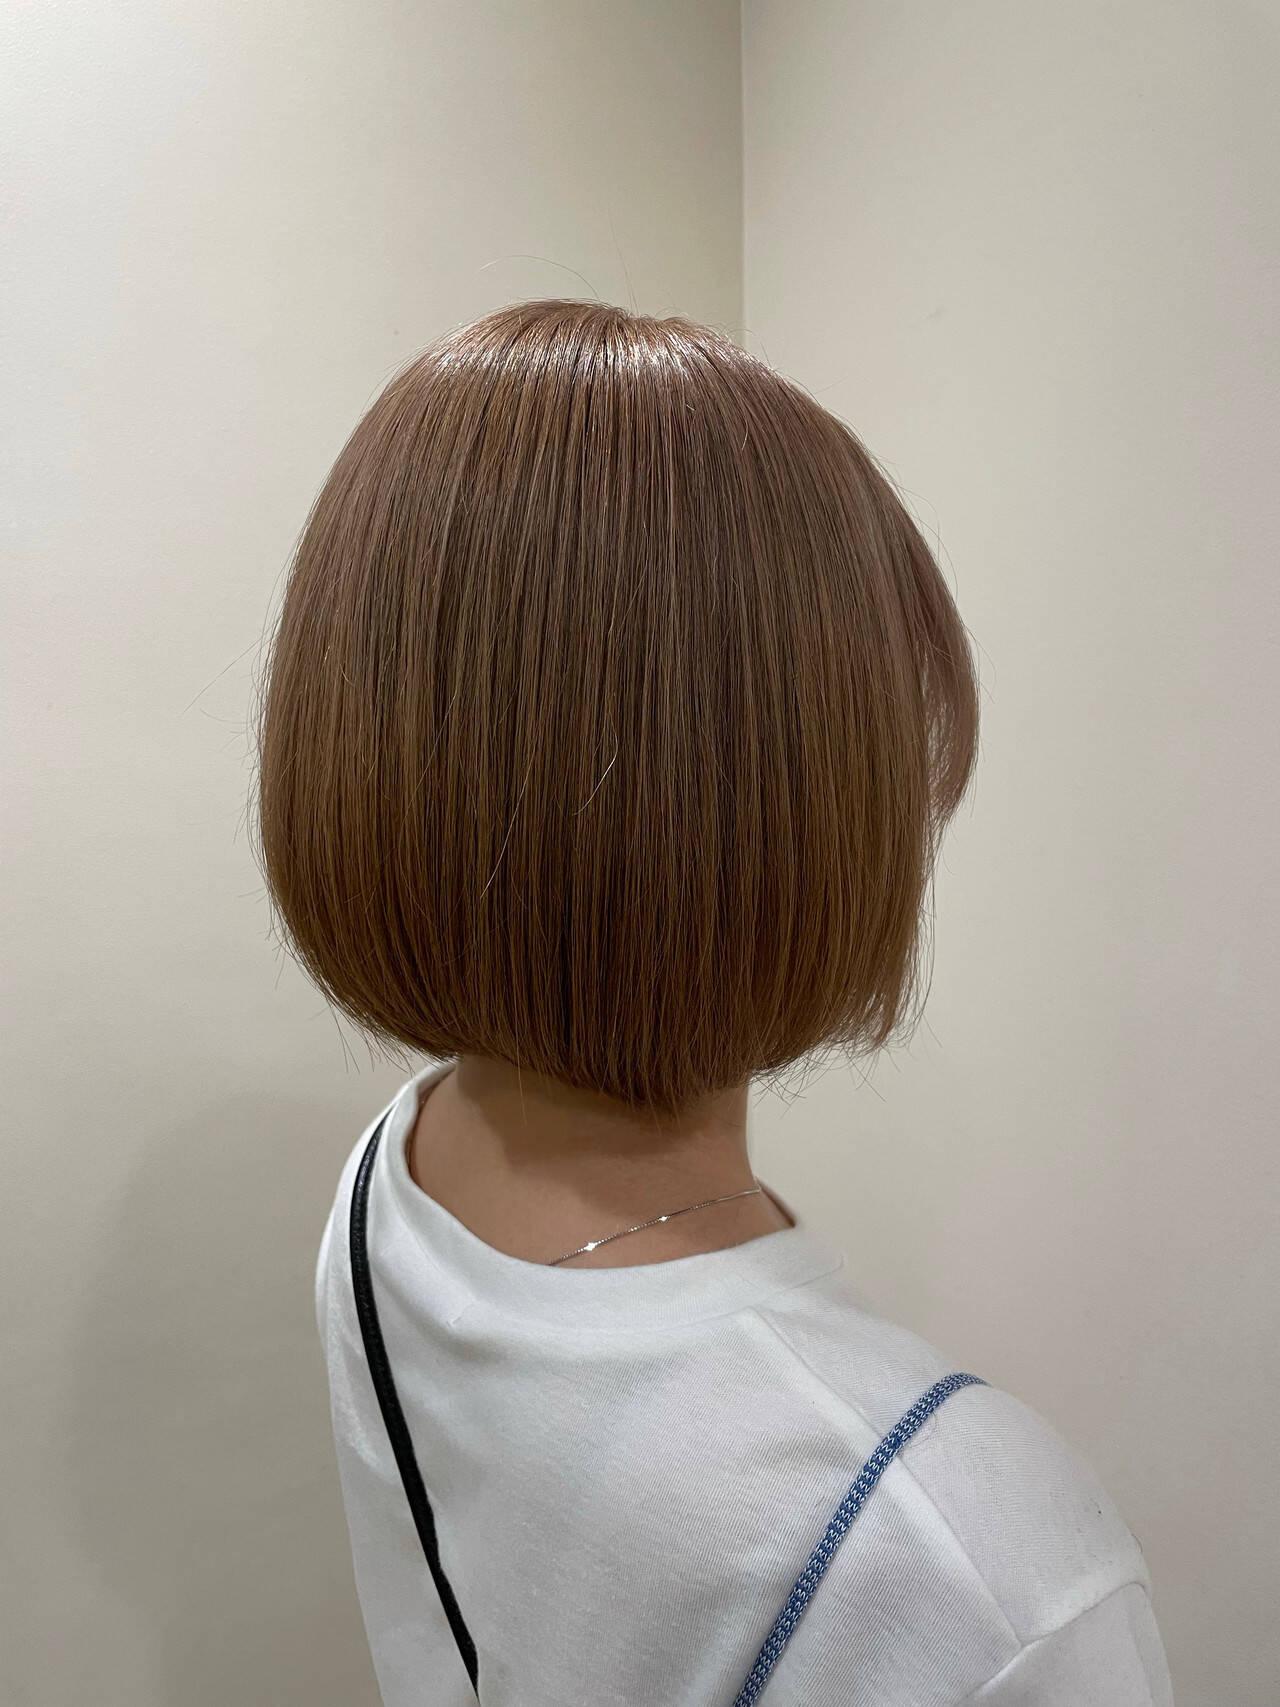 ショートヘア ボブ ショートボブ ミニボブヘアスタイルや髪型の写真・画像